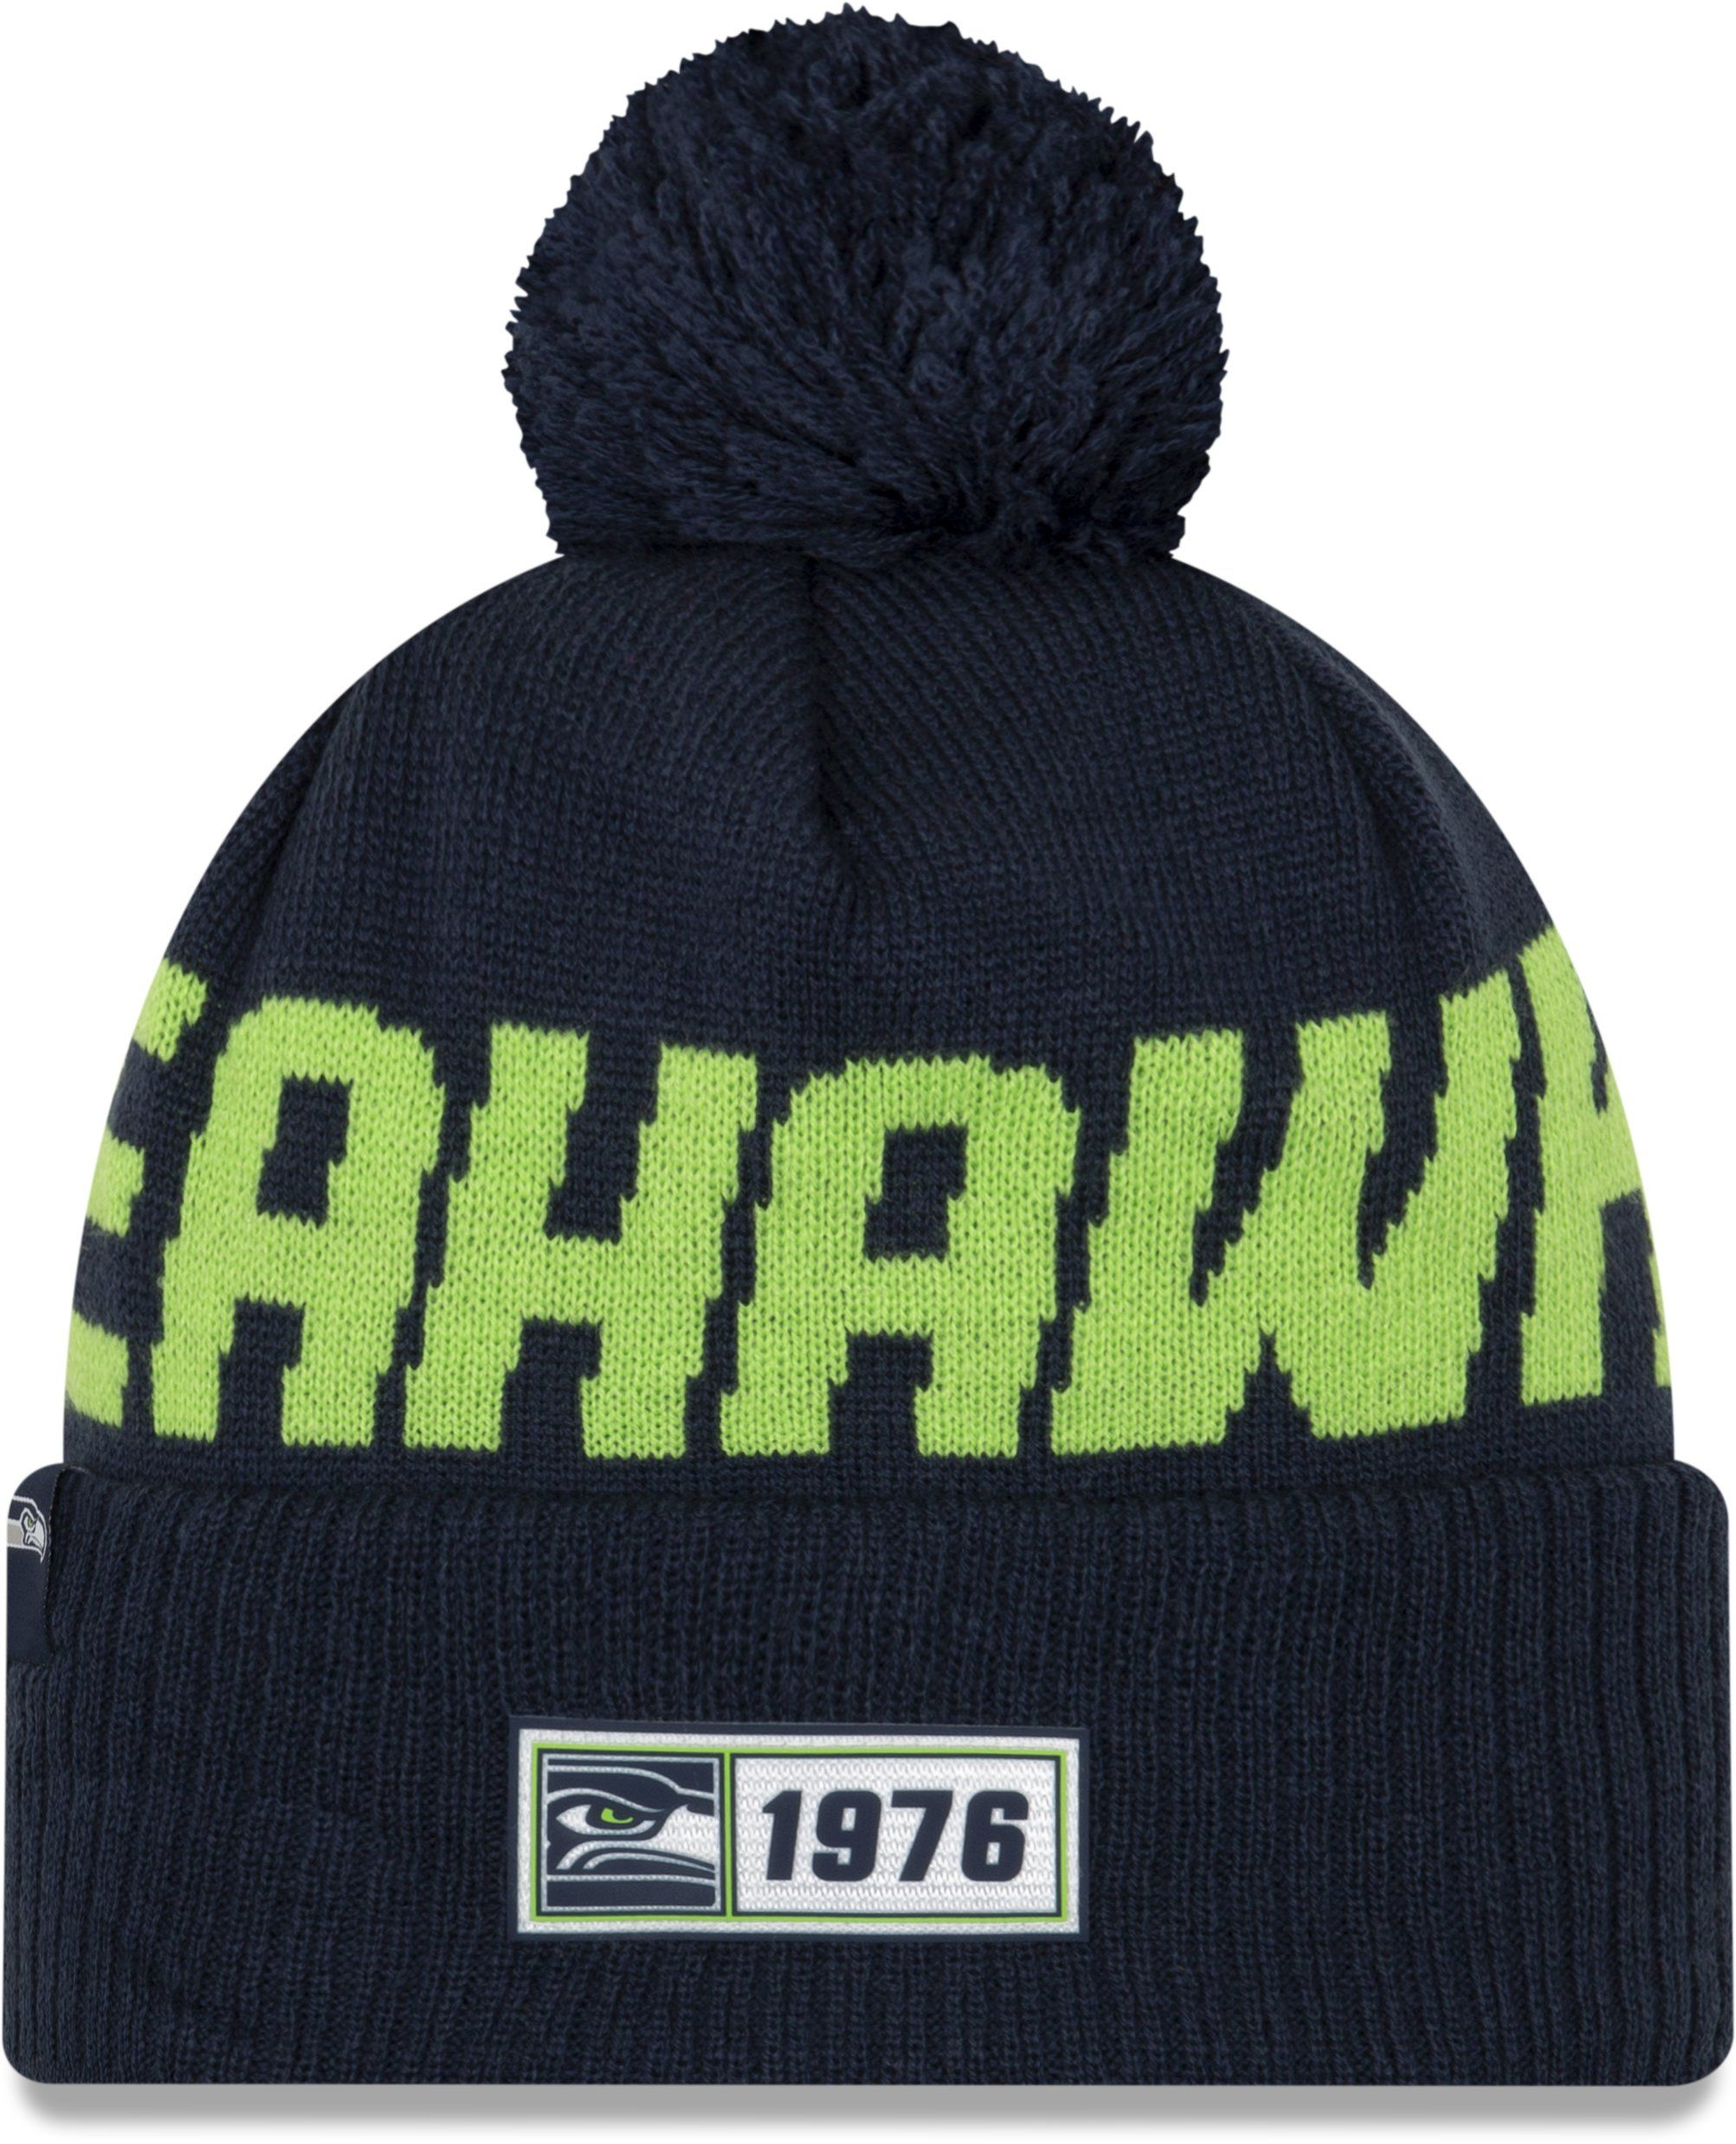 Seattle Seahawks New Era Nfl On Field 2019 Sport Knit Road Bobble Hat Seahawks Seattle Seahawks New Era